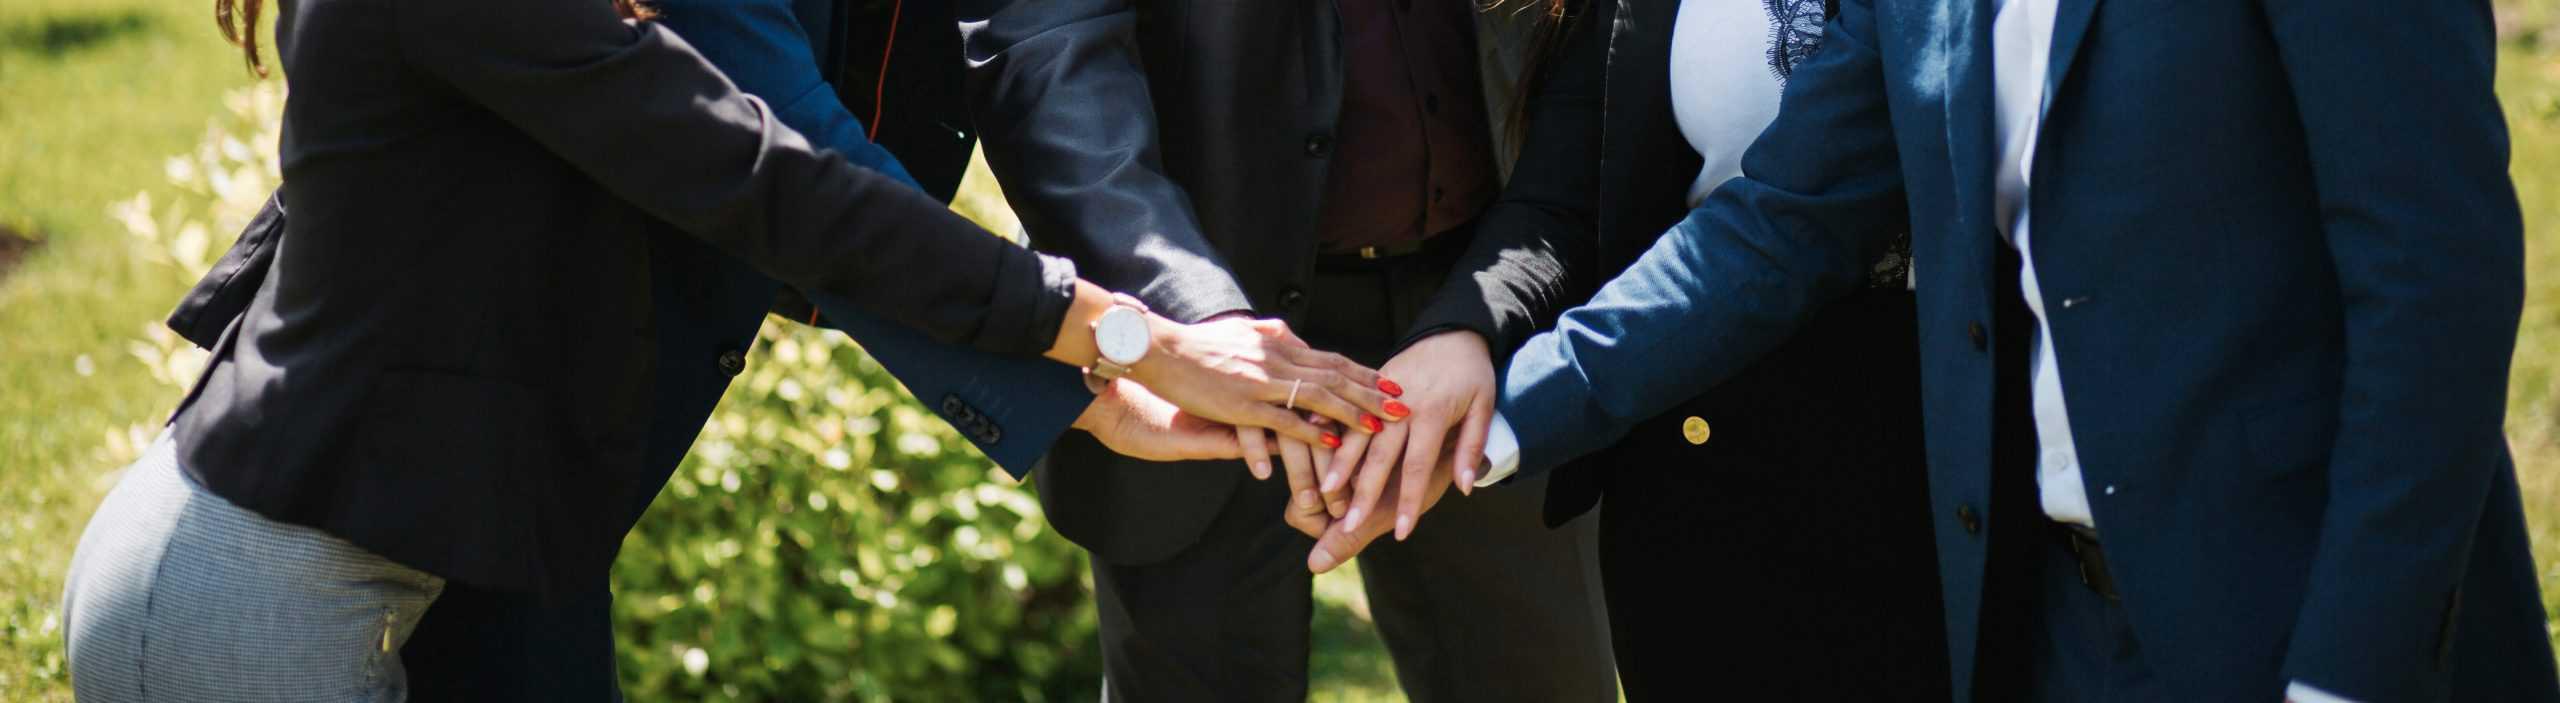 Team-alle für einen-immobilienmarkler